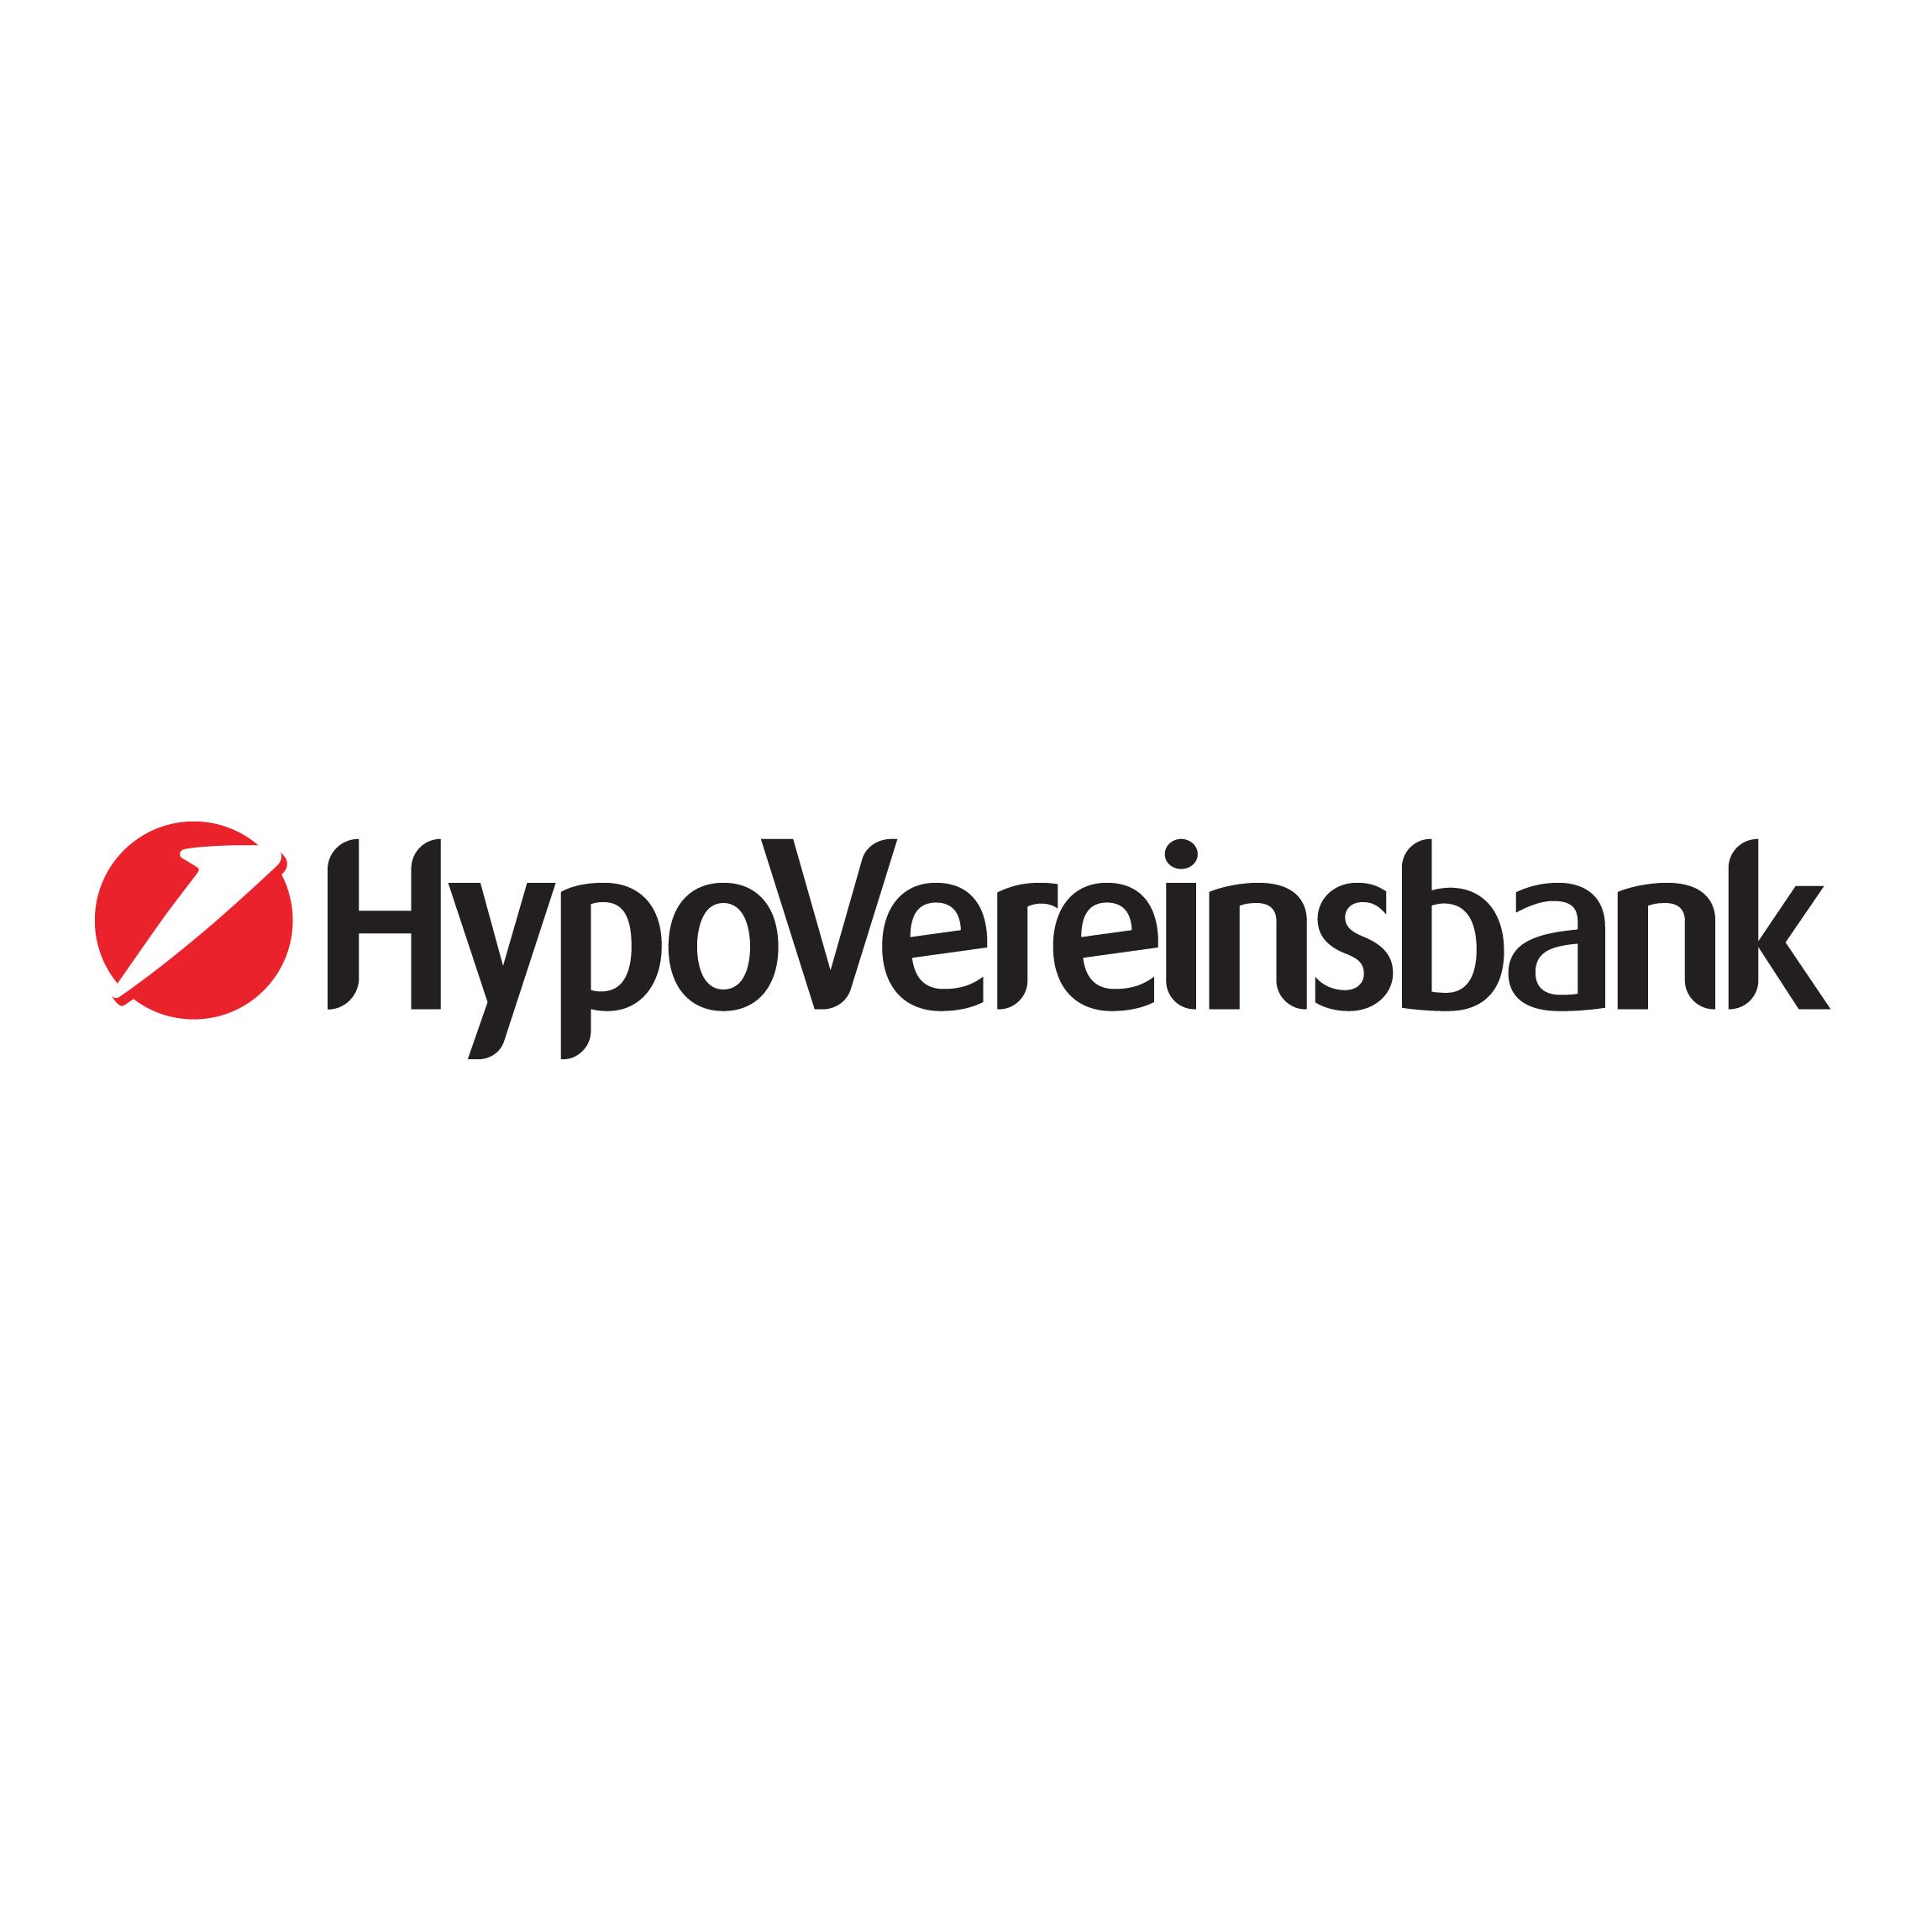 HypoVereinsbank Markt Schwaben